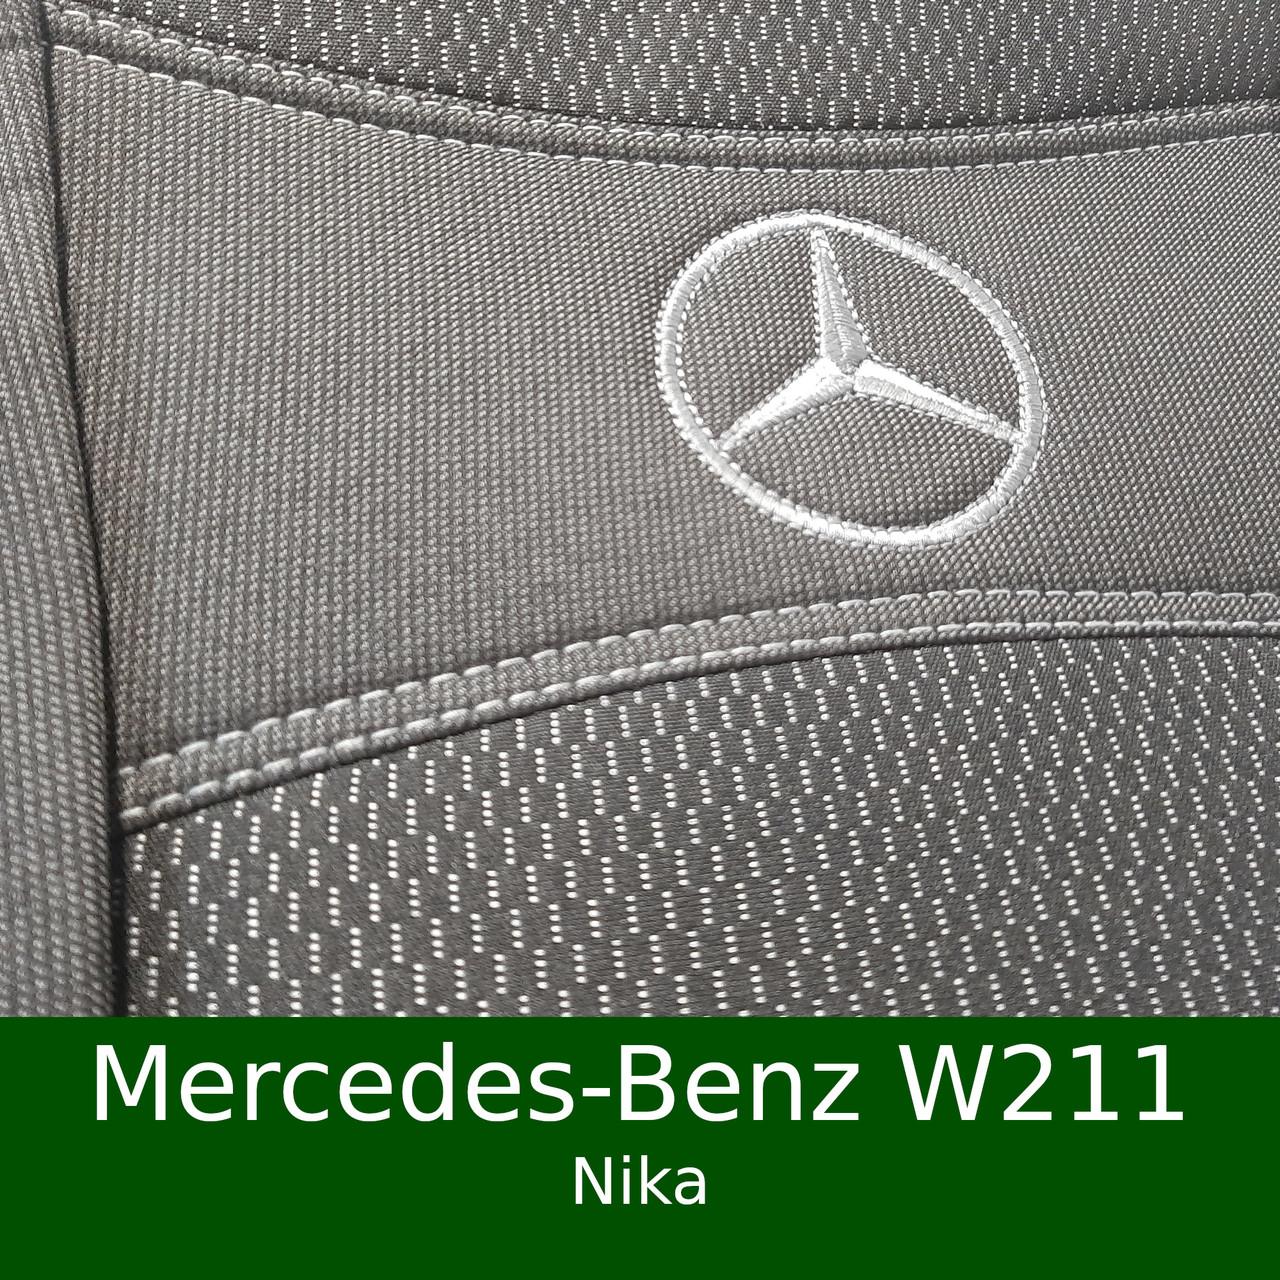 Чехлы на сиденья Mercedes-Benz W211 2002-2009г (Nika)